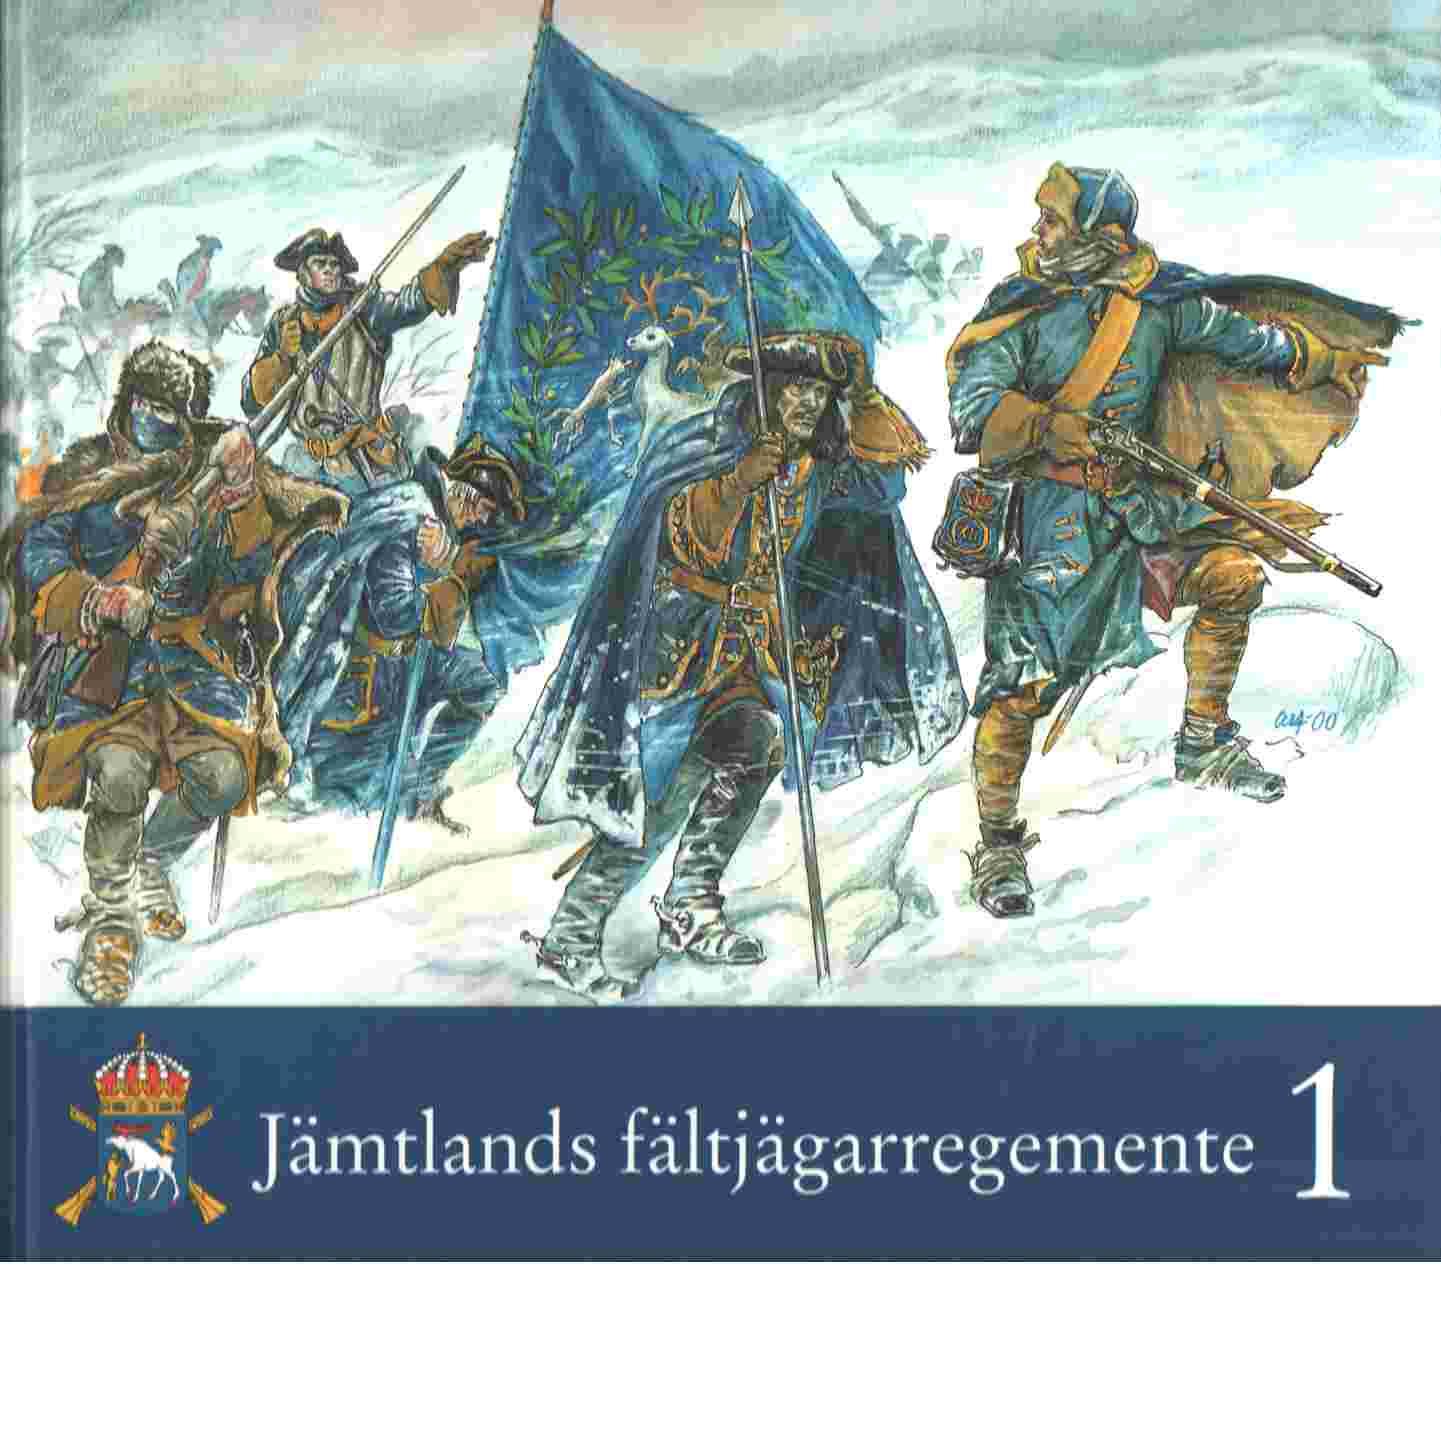 Jämtlands fältjägarregemente : regementet, bygden och staden. Bd 1 - Gustafsson, Ingvar